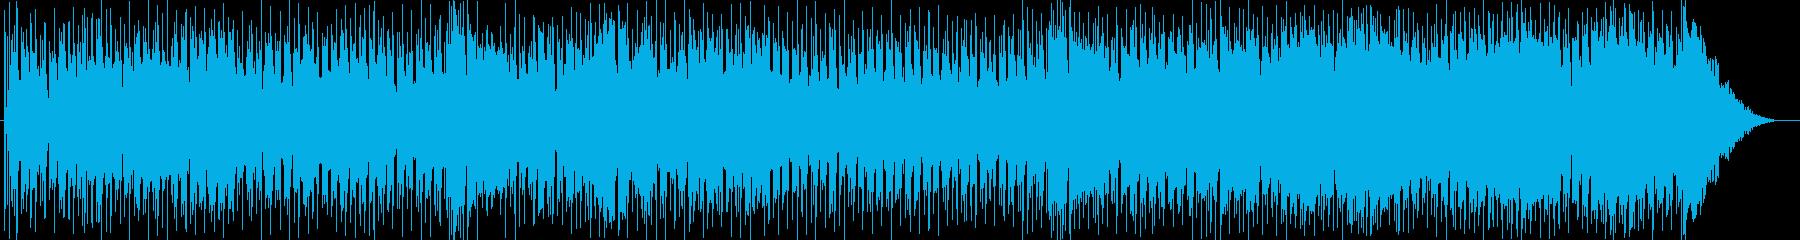 哀愁感漂うメロディアスなエレキサウンドの再生済みの波形